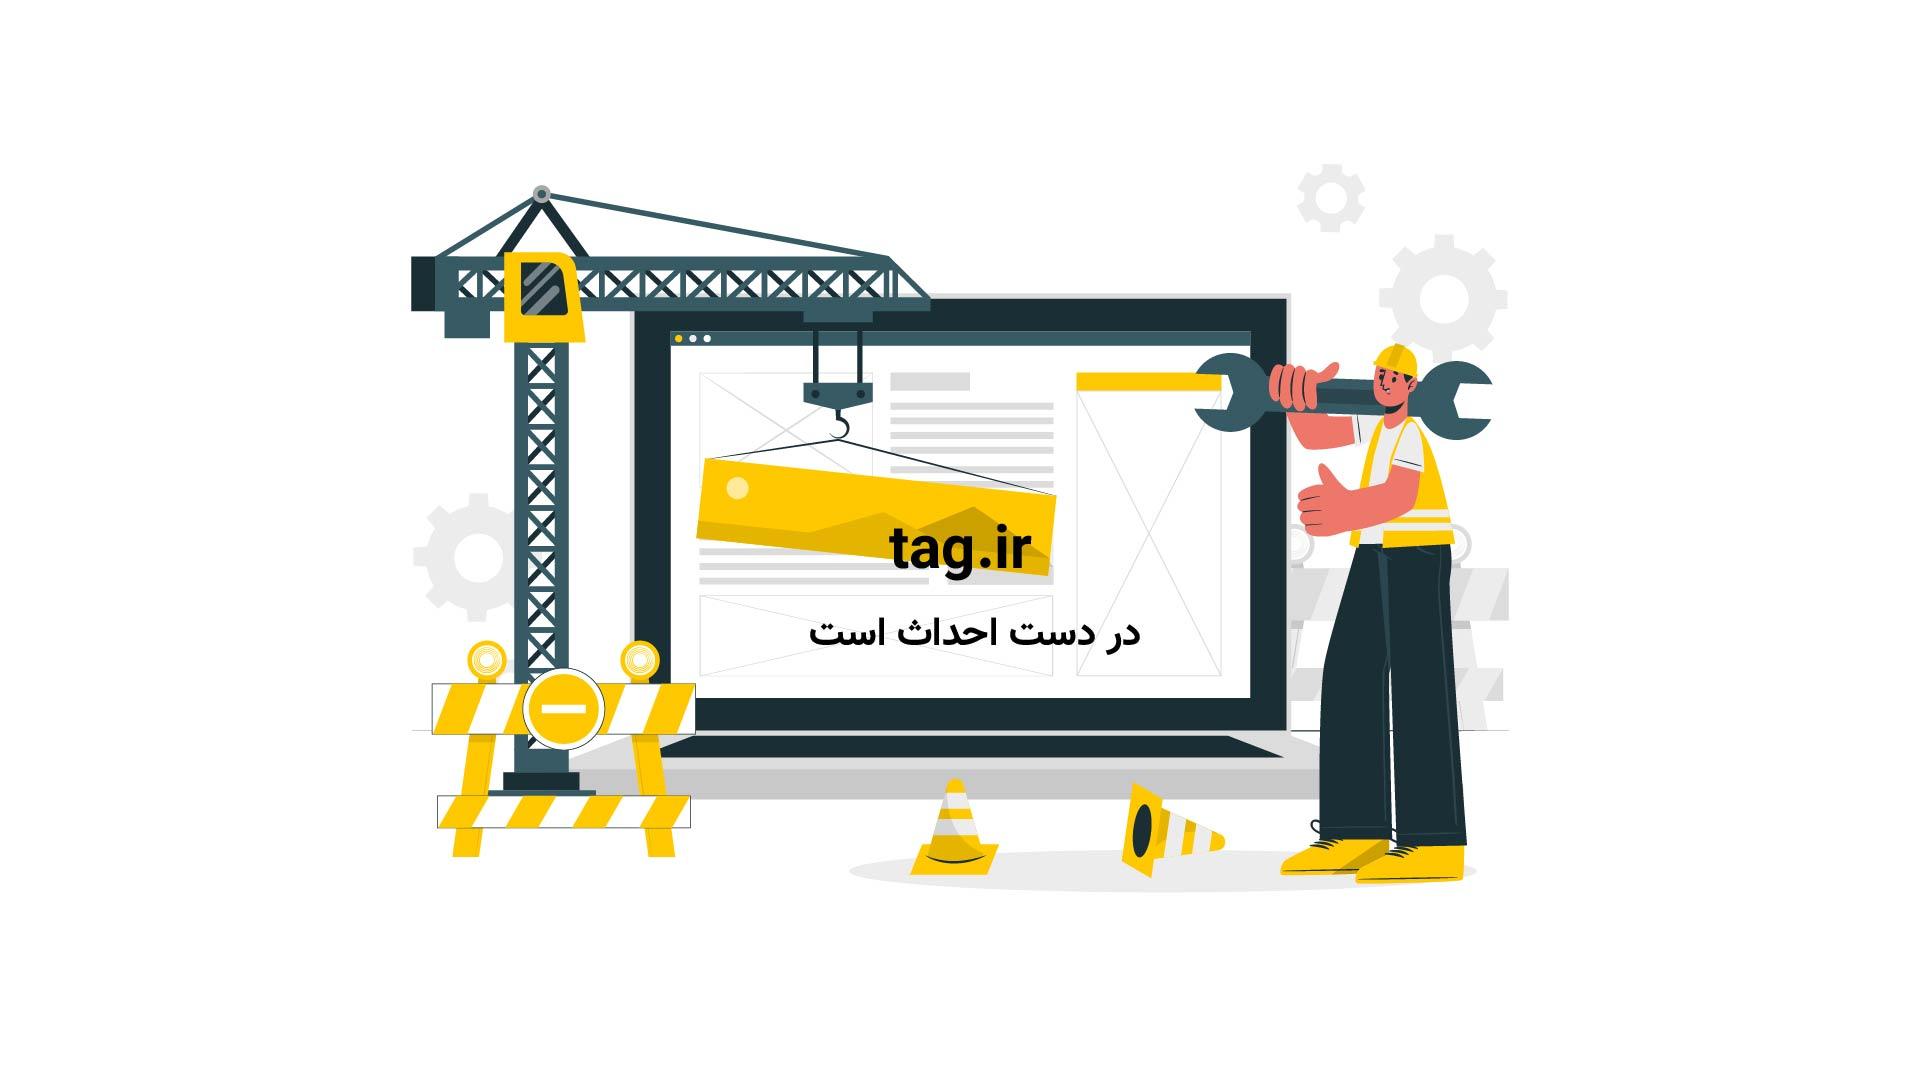 نبرد دیدنی اسبهای نر وحشی بر سر قلمرو و گله|تگ